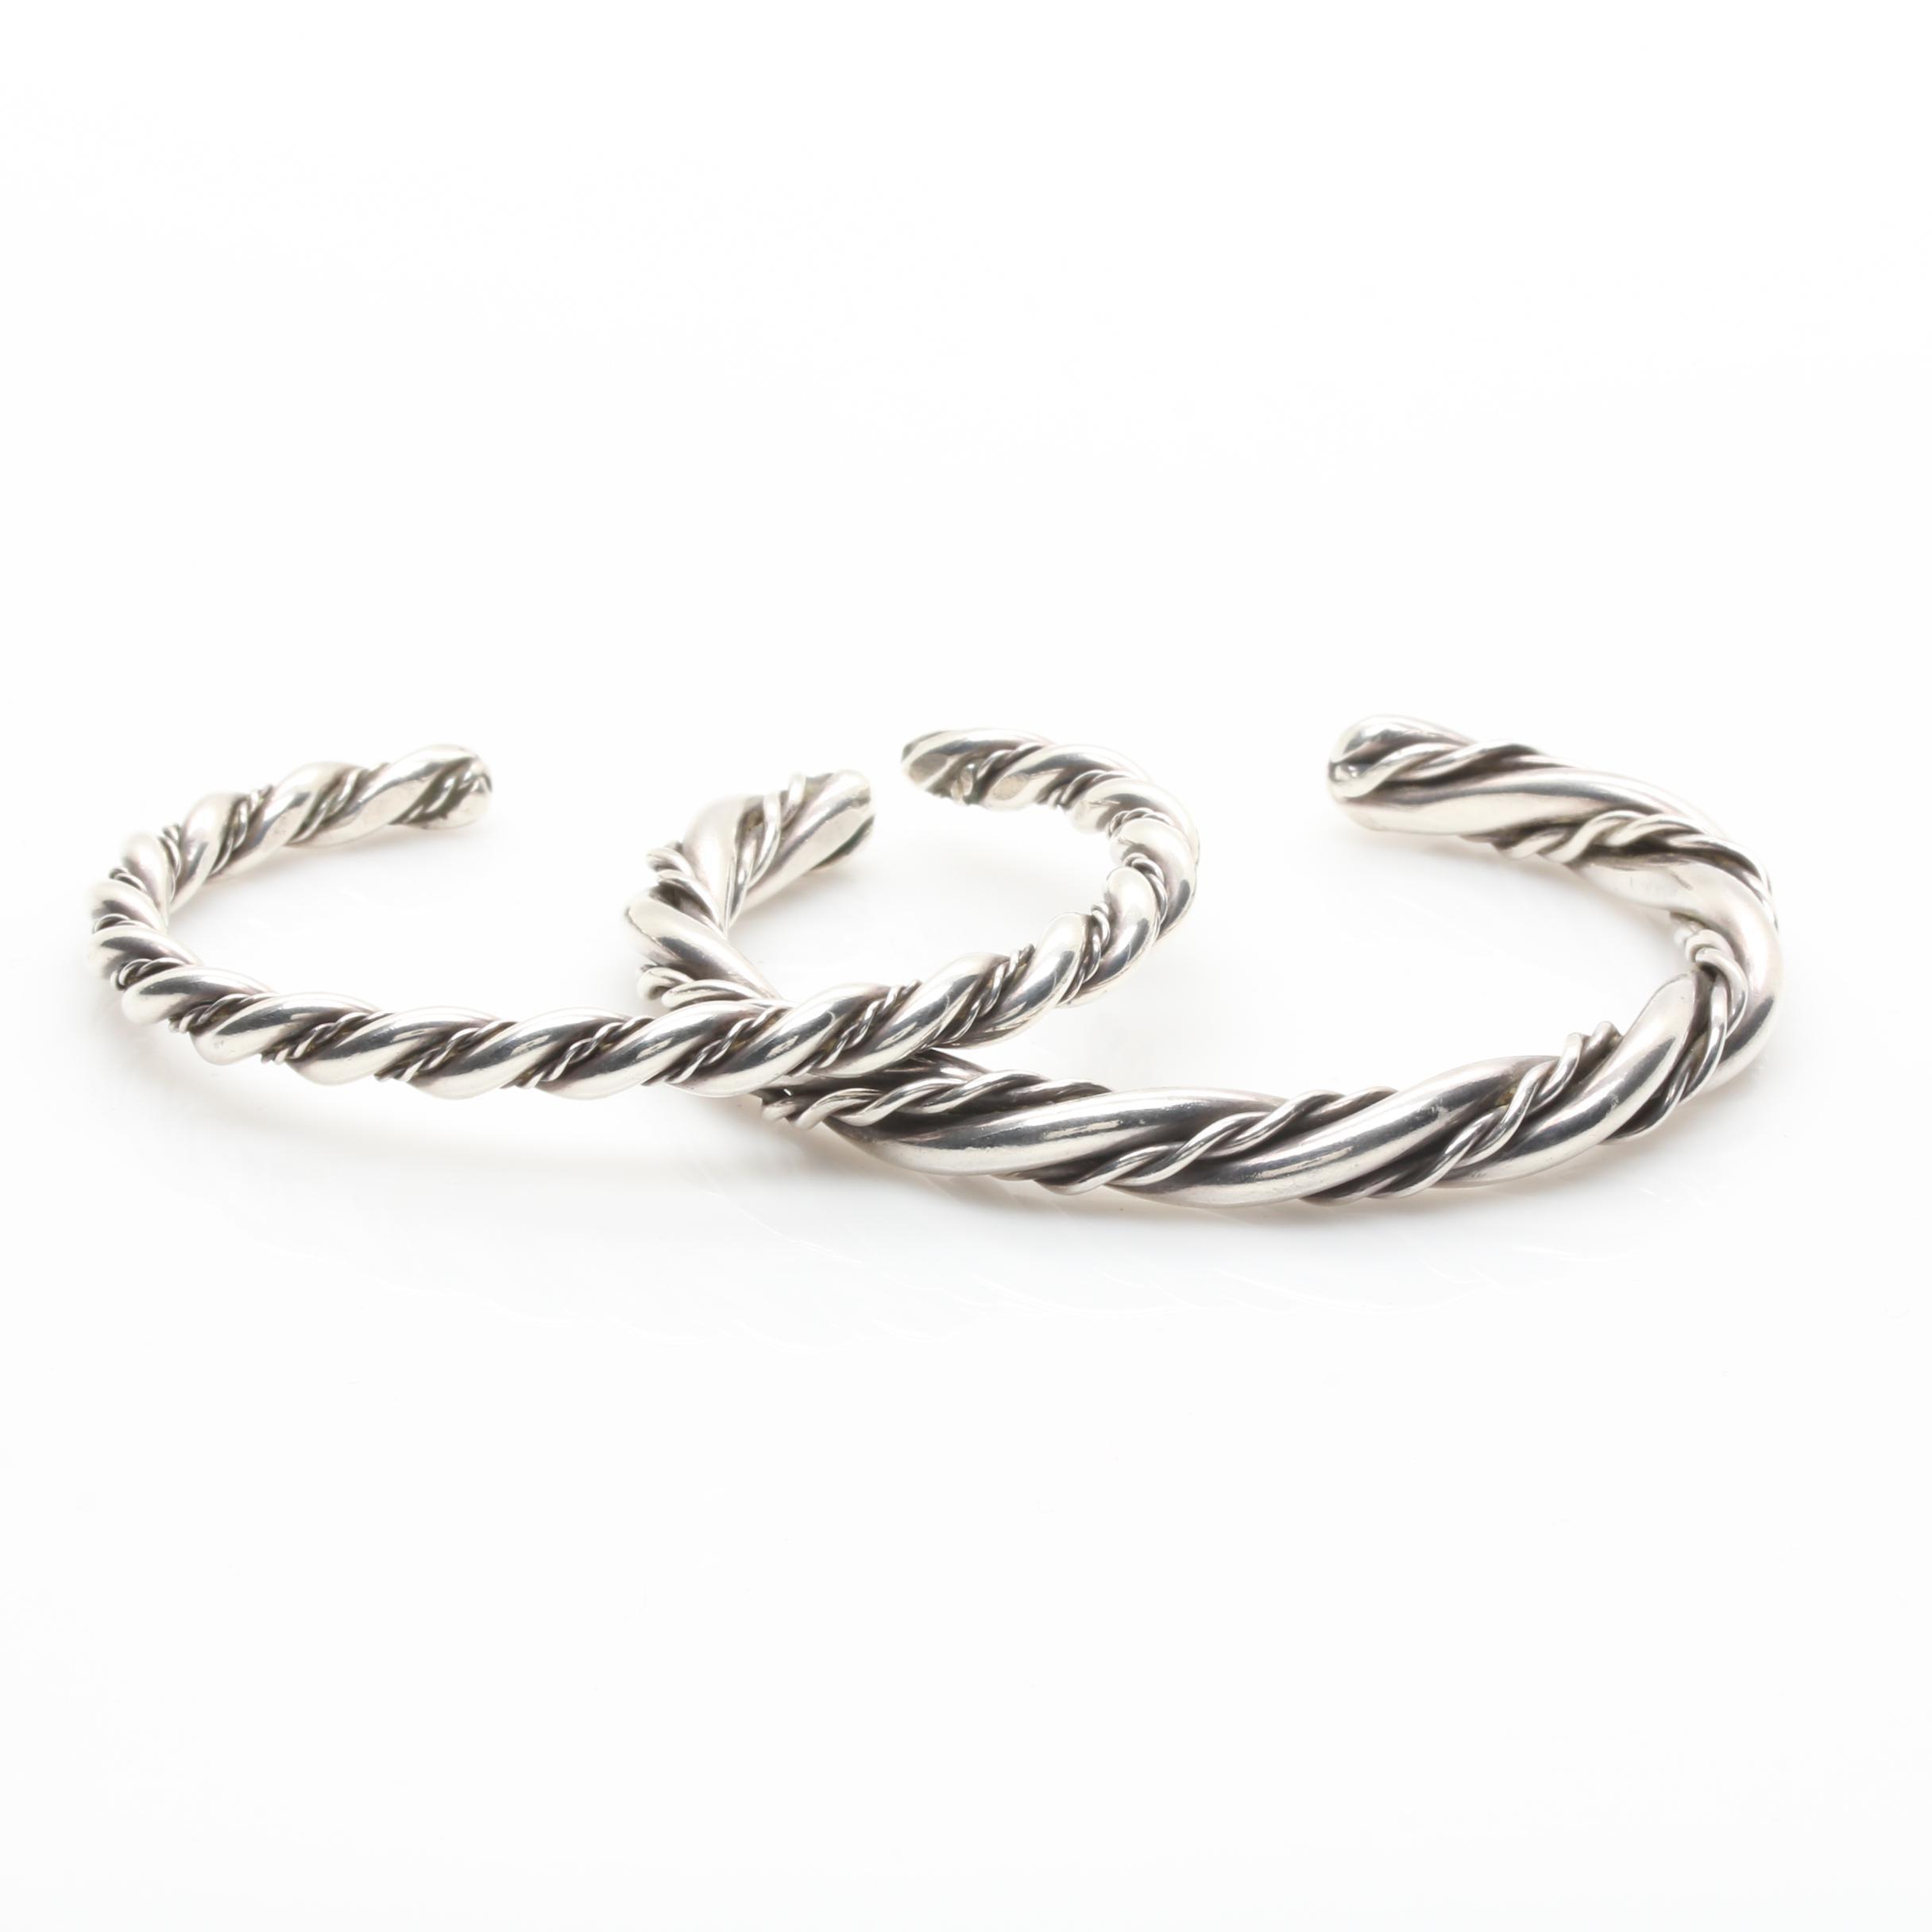 Sterling Silver Rope Twist Cuff Bracelets